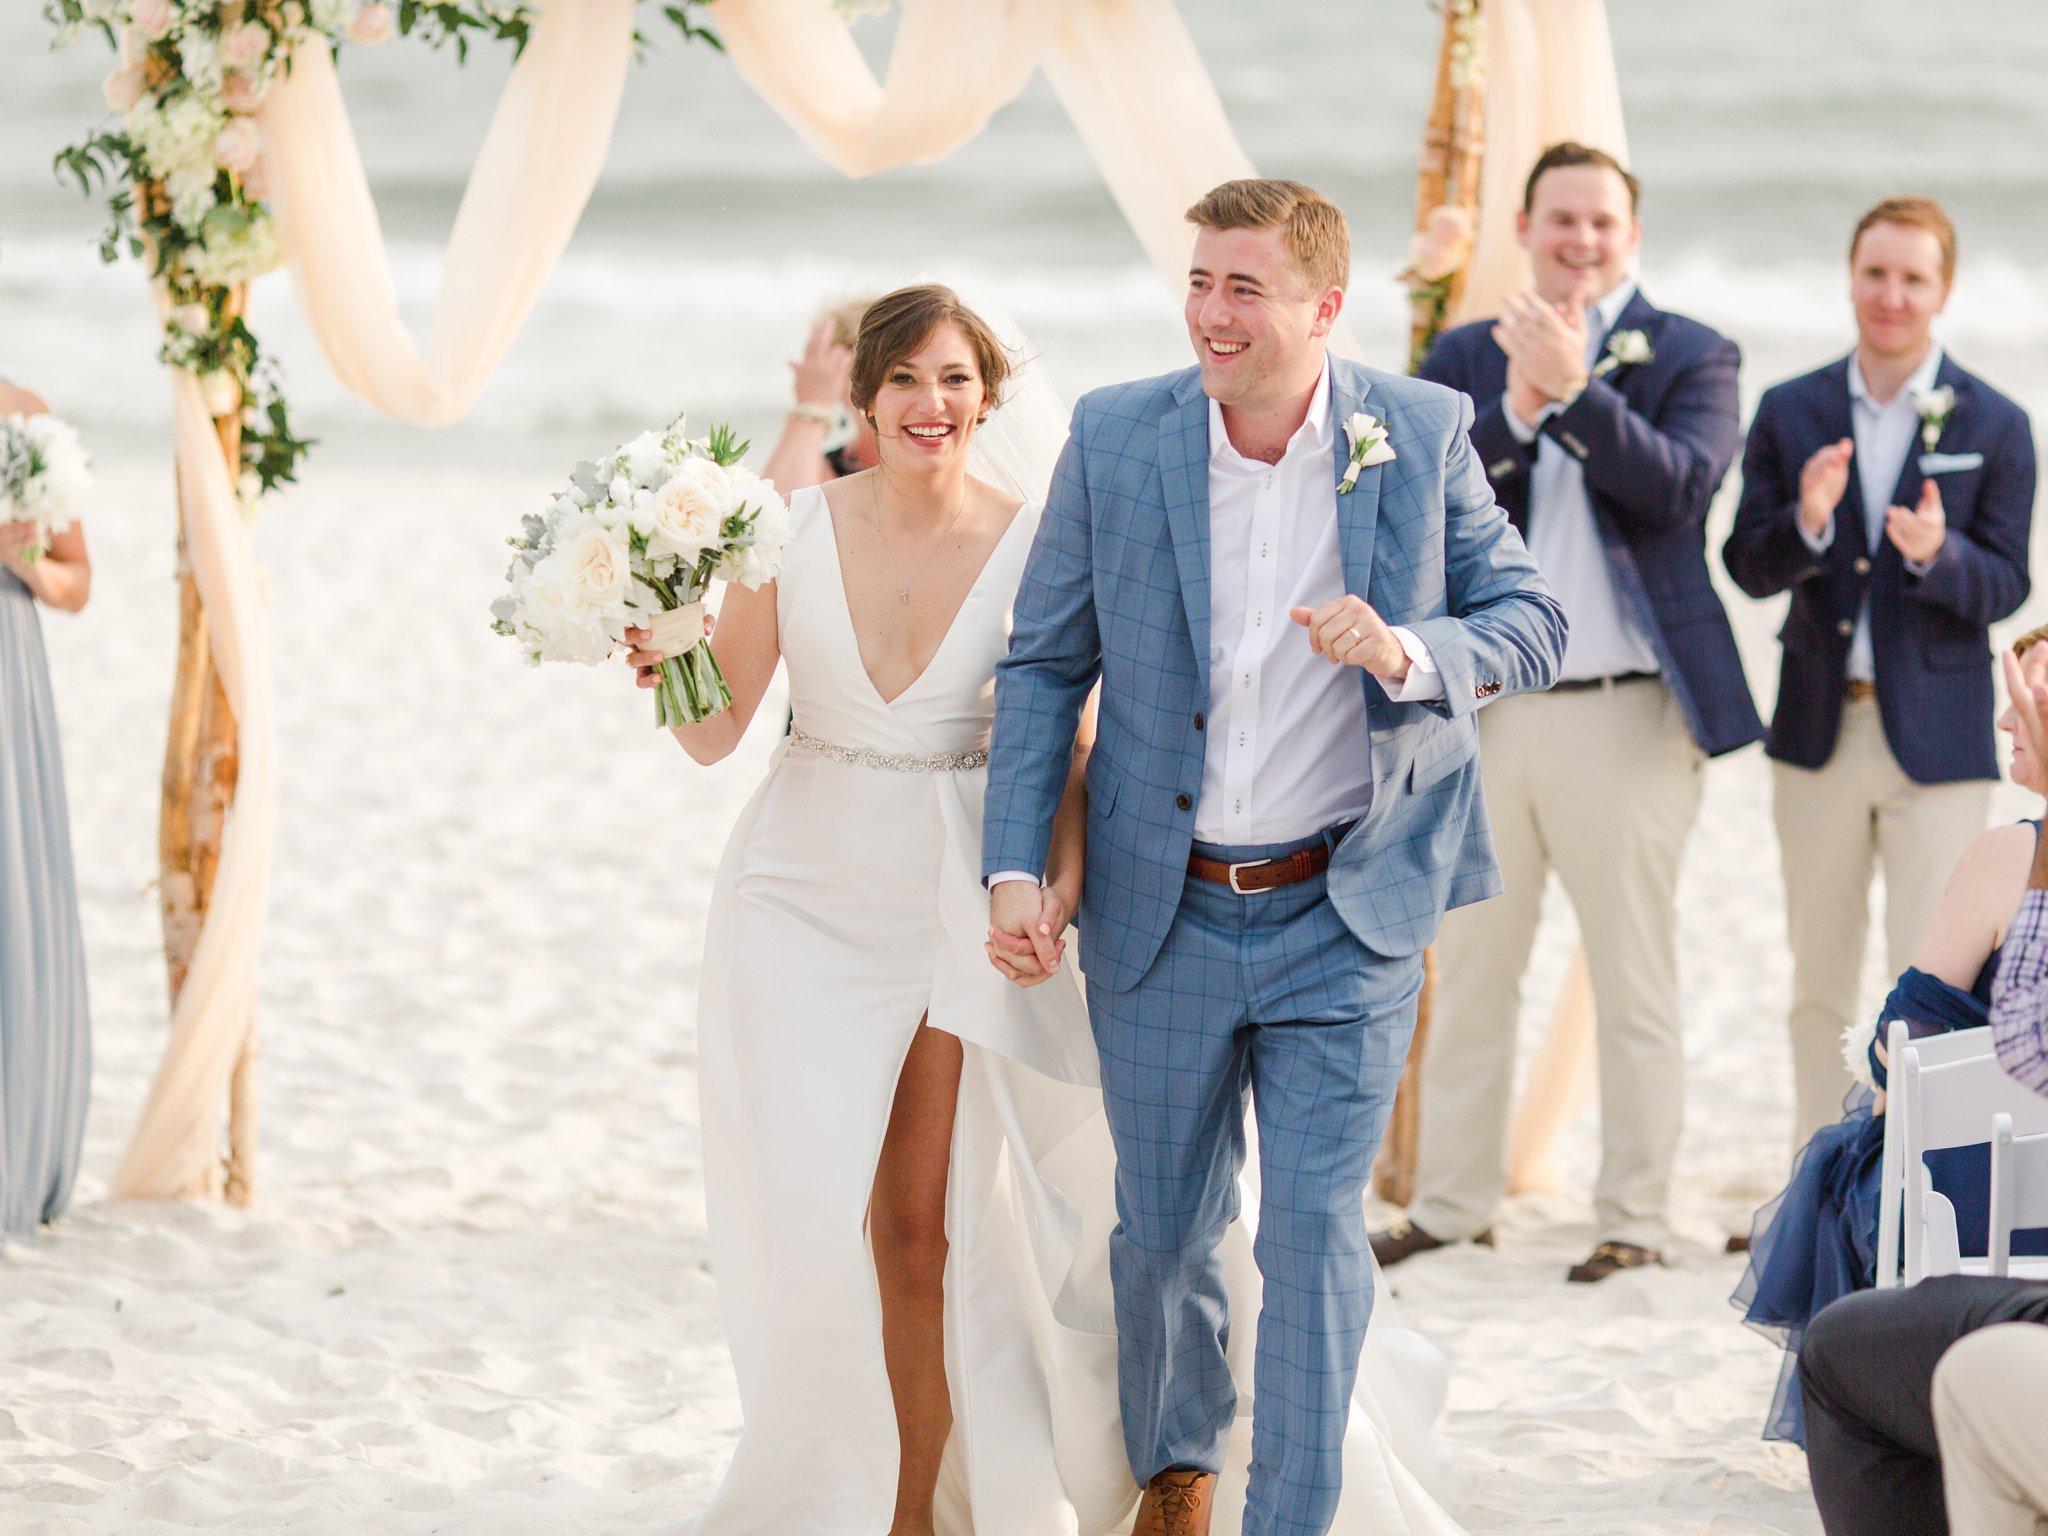 carillon beach wedding photographer shannon griffin photographer_0012.jpg